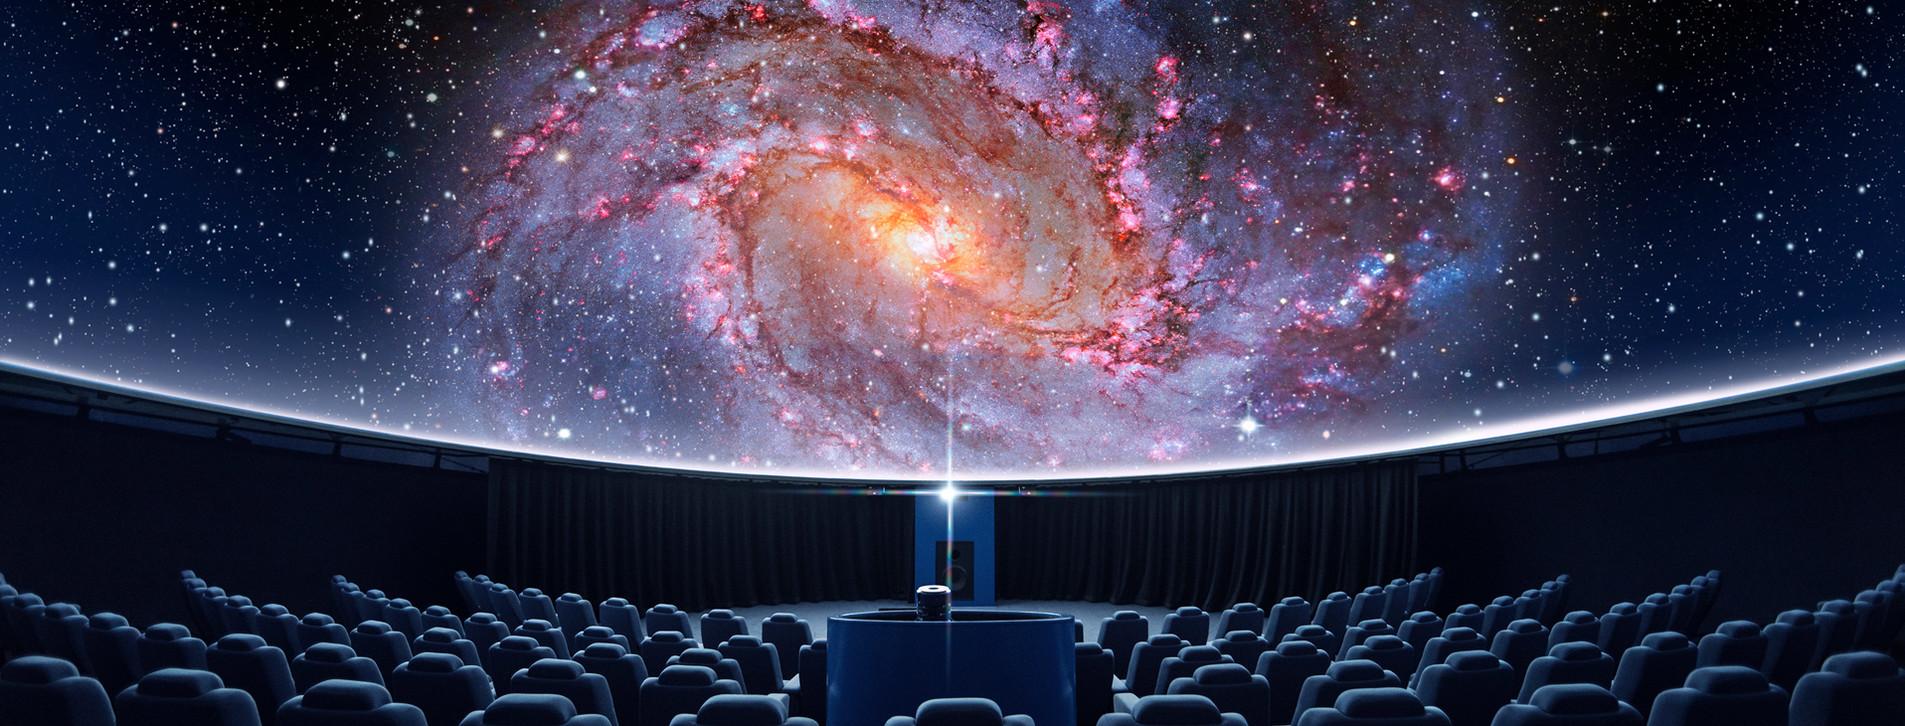 Фото 1 - Сферический кинотеатр для компании